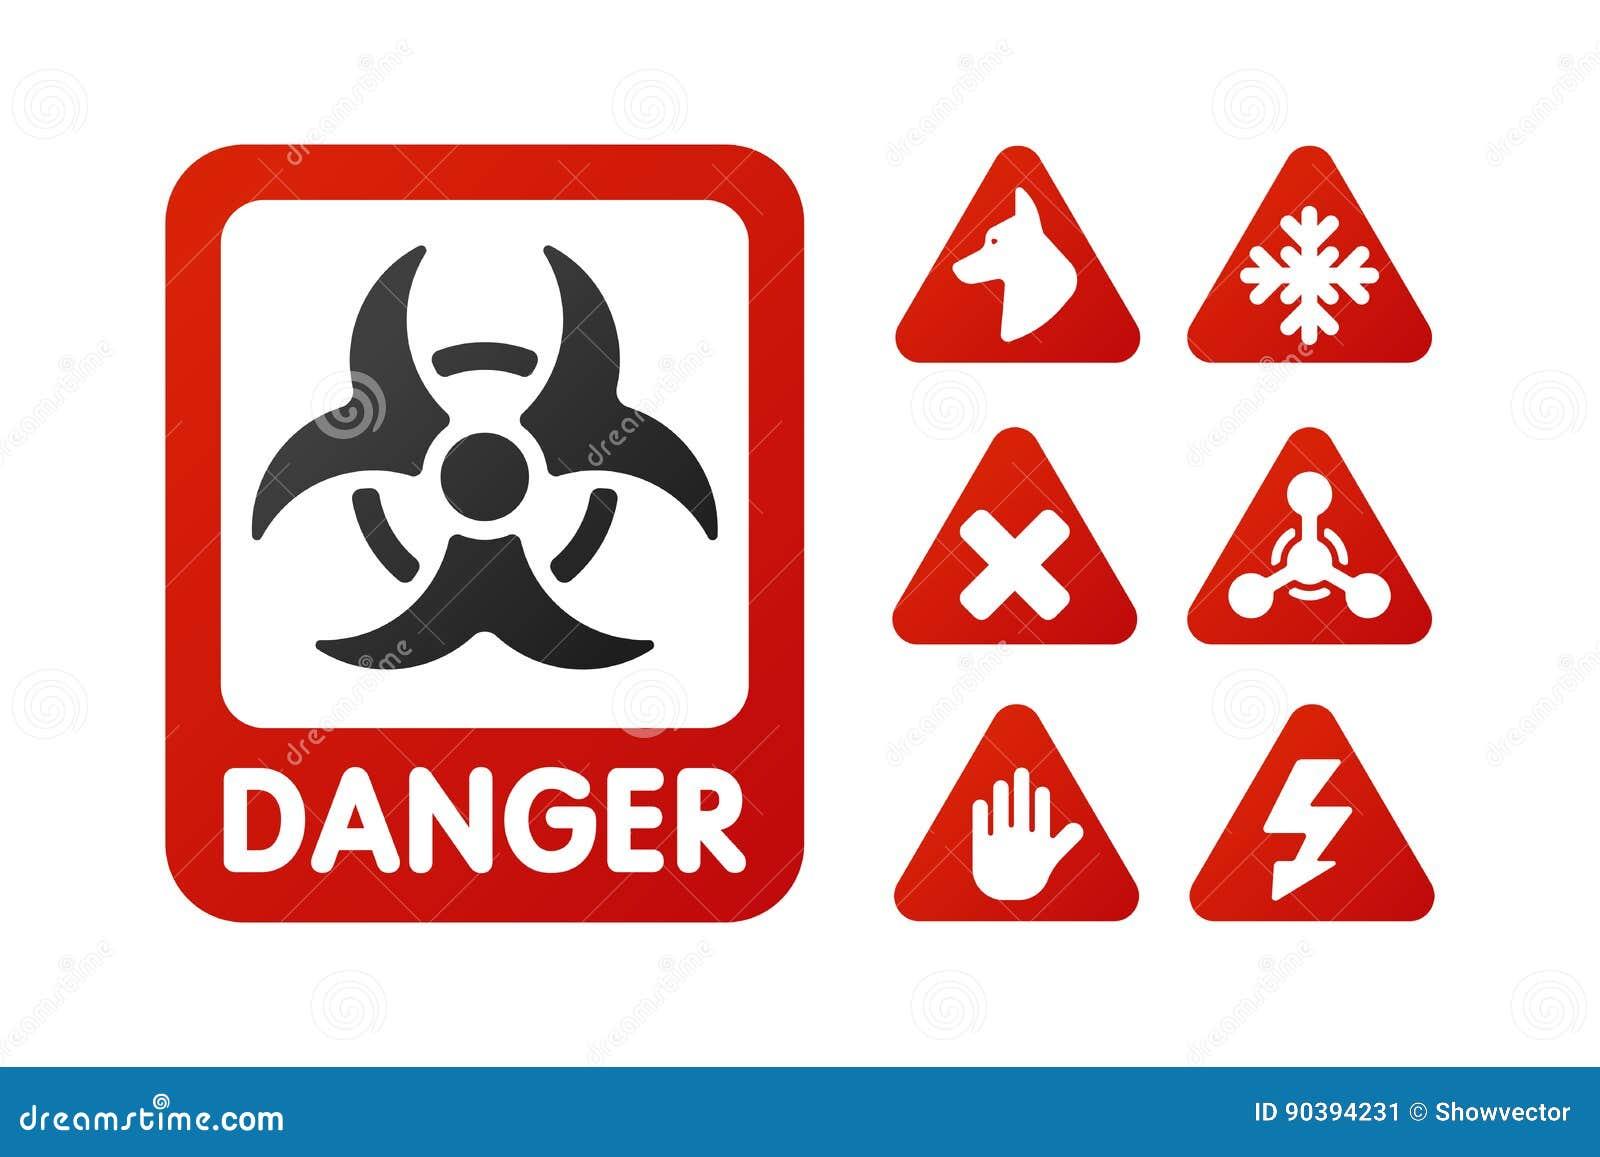 De verbodstekens plaatsen de industrieproductie vector geel rood waarschuwingsgevaarsymbool verboden veiligheidsinformatie en